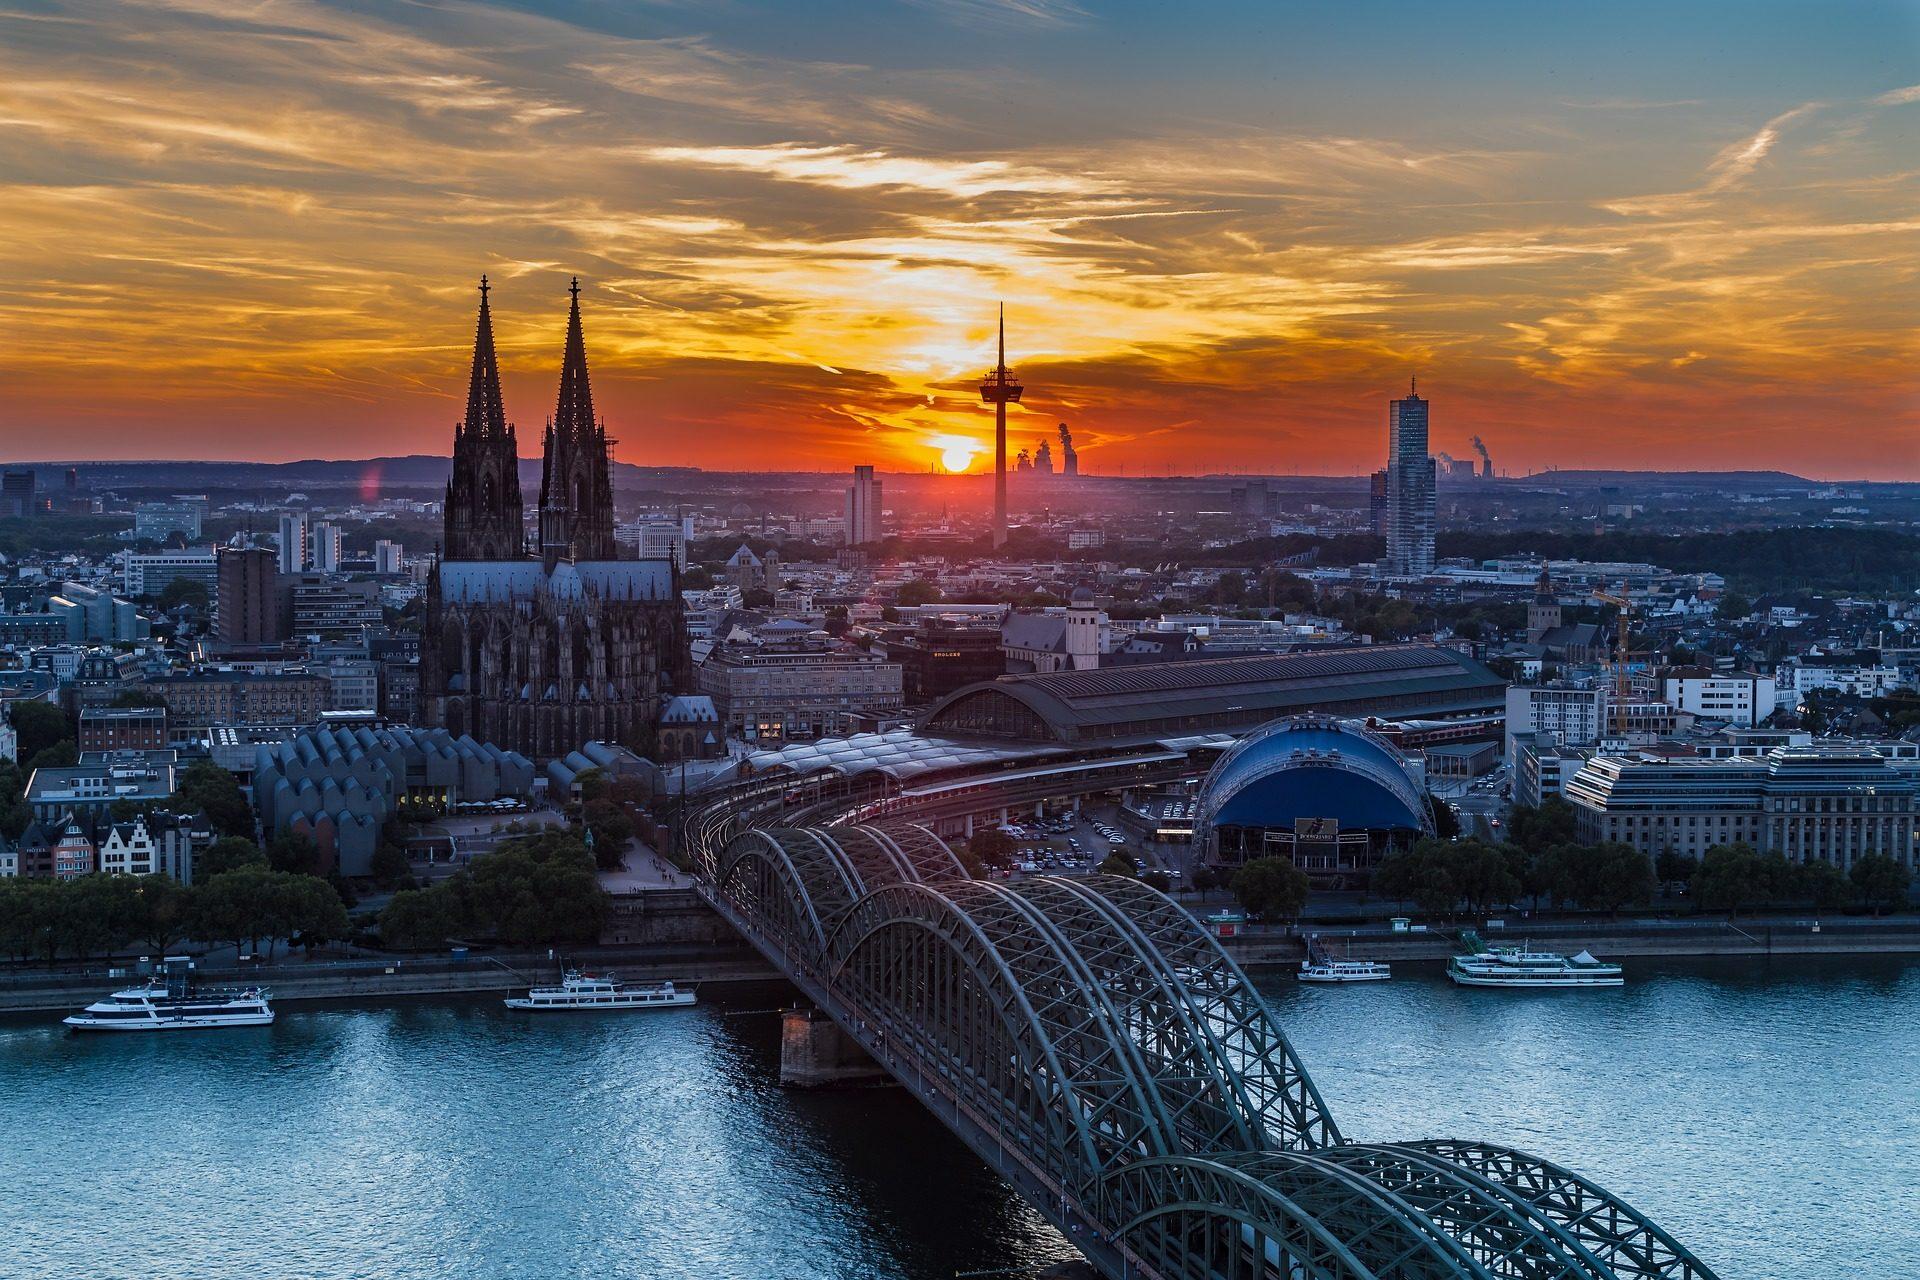 Ville, aube, pont, Cathédrale, Cologne - Fonds d'écran HD - Professor-falken.com